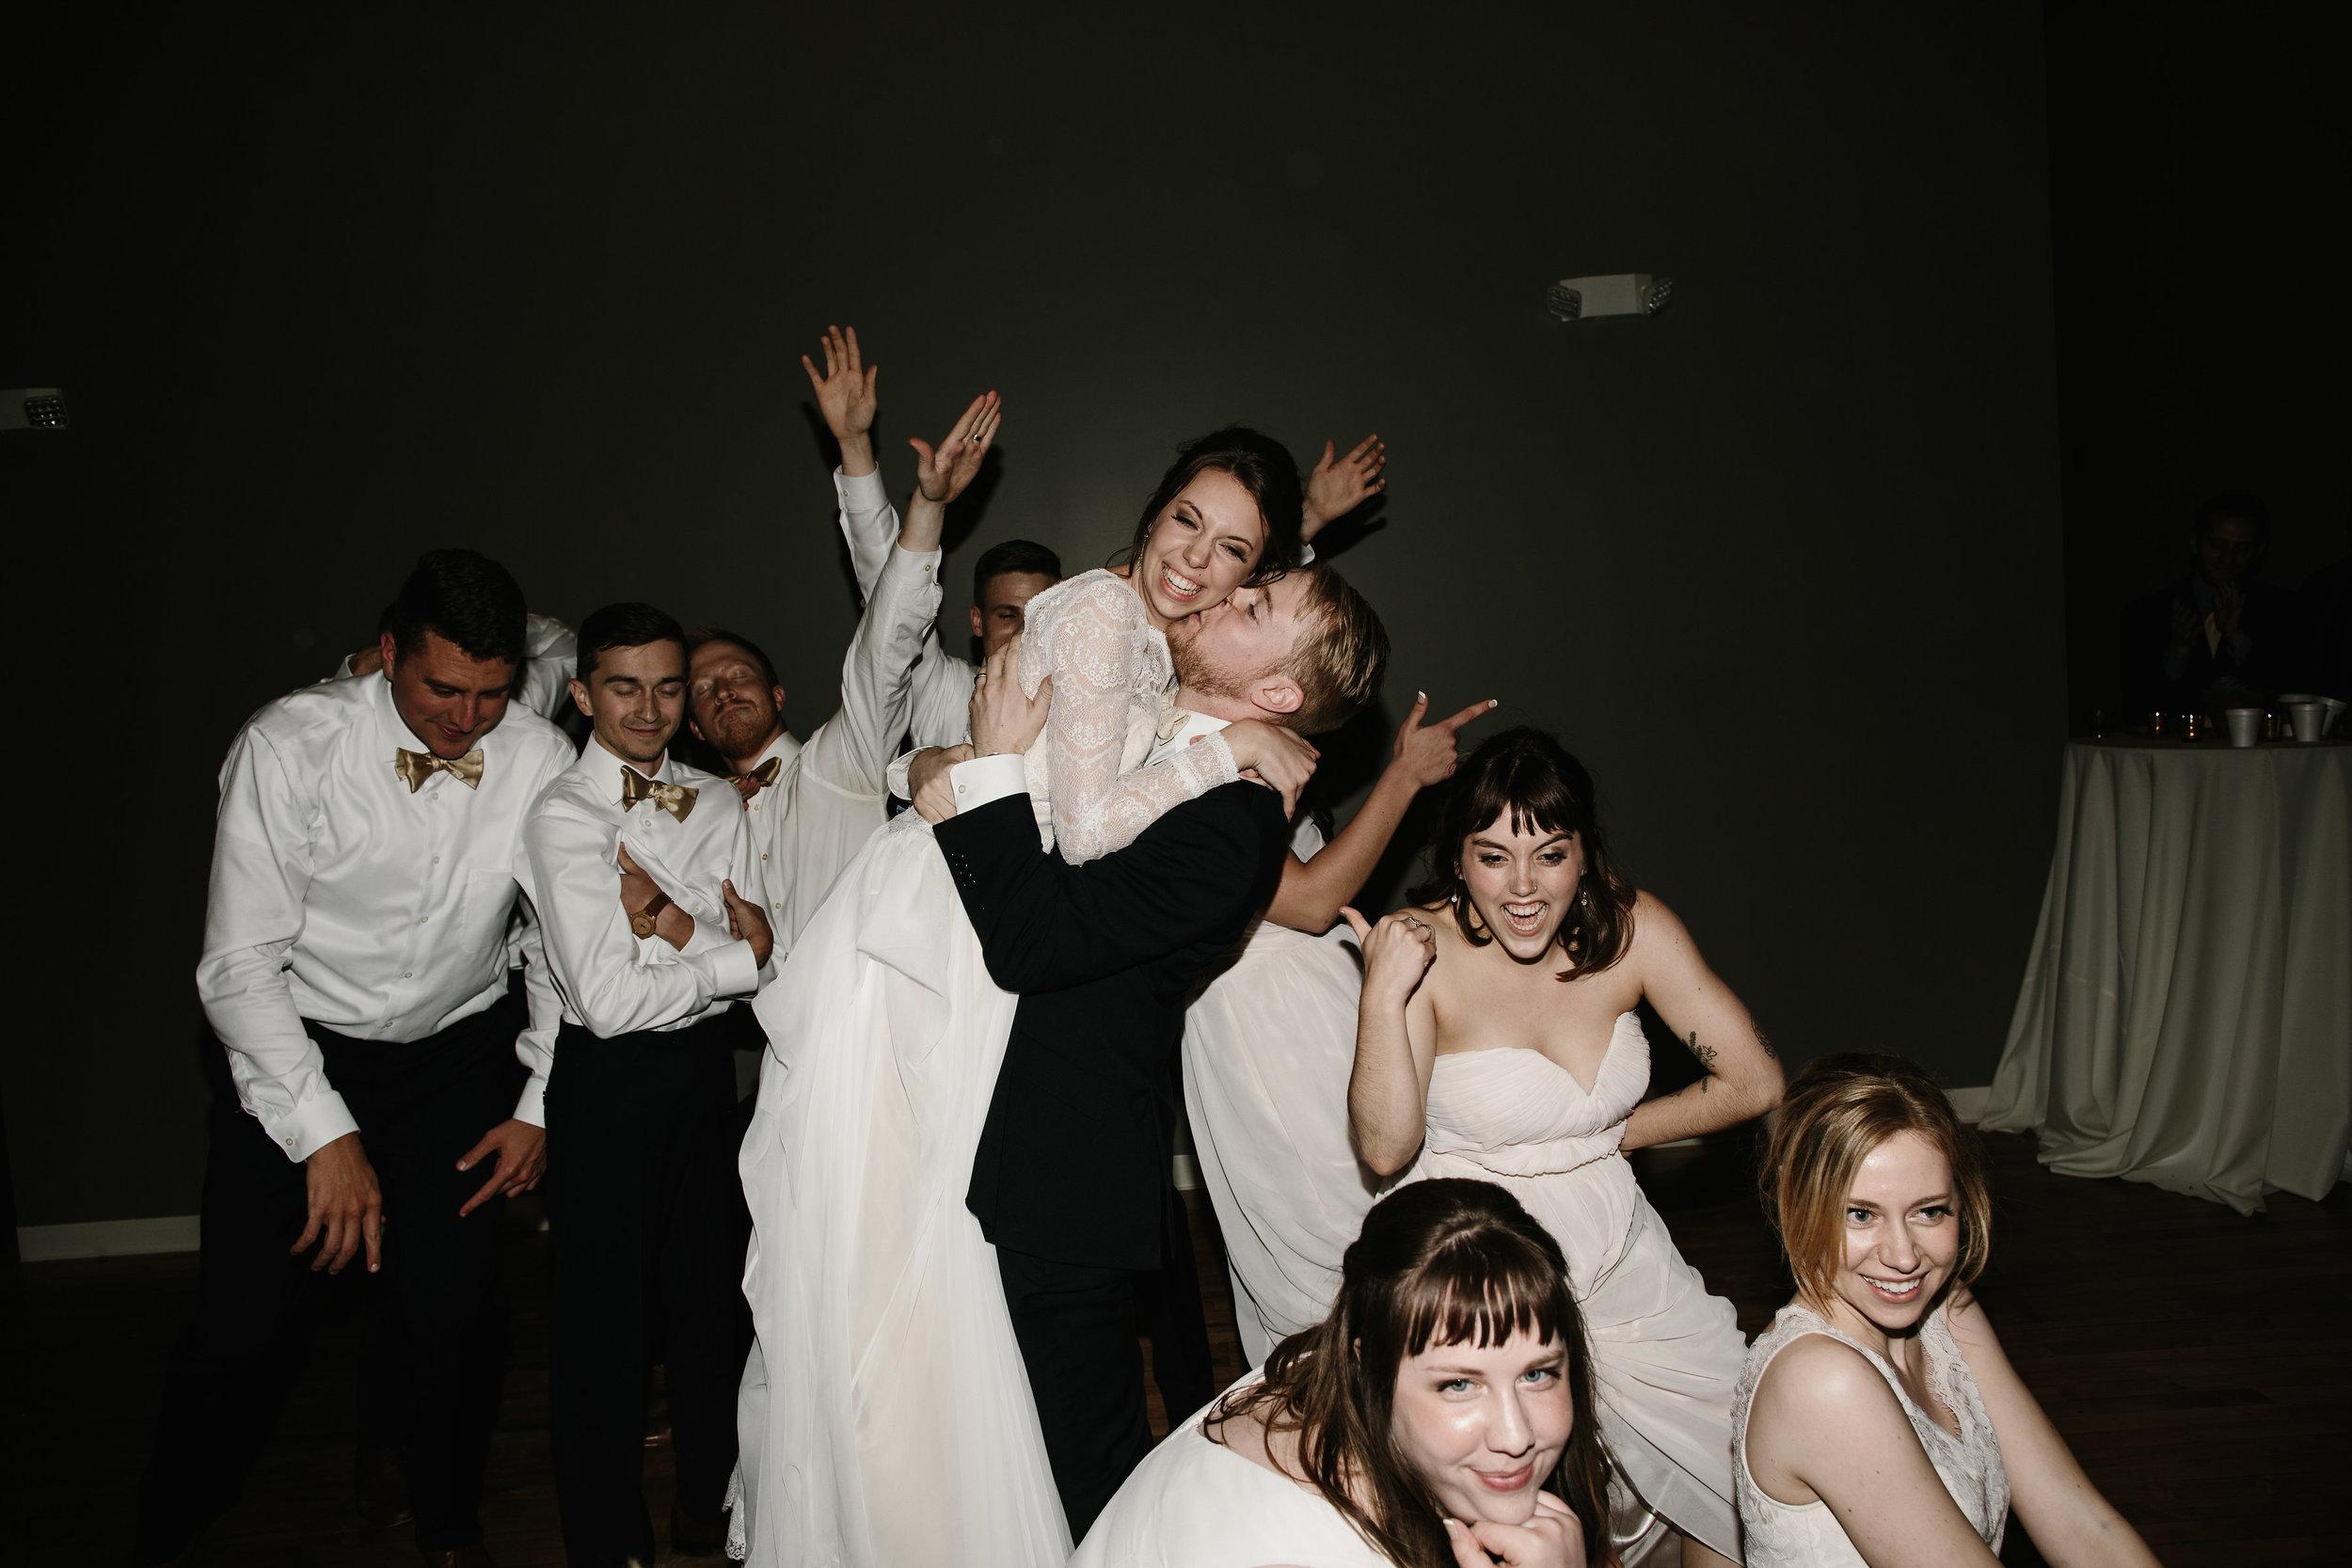 FLORAPINEPHOTOGRAPHY_BRANDONLYDIA_DANCE-109 (1).JPG